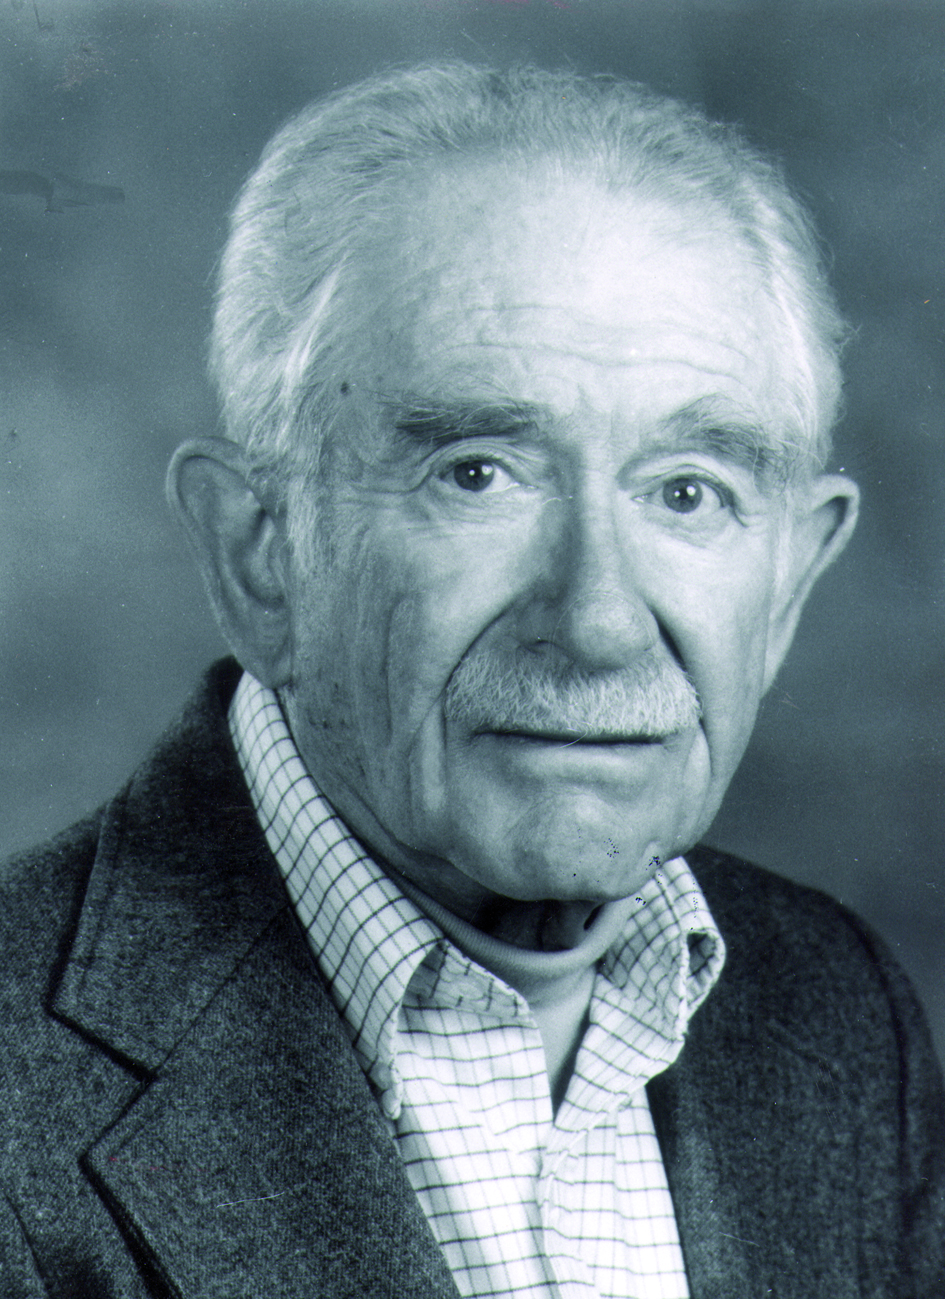 Portraitfoto von Herrn Mortimer Elkind.